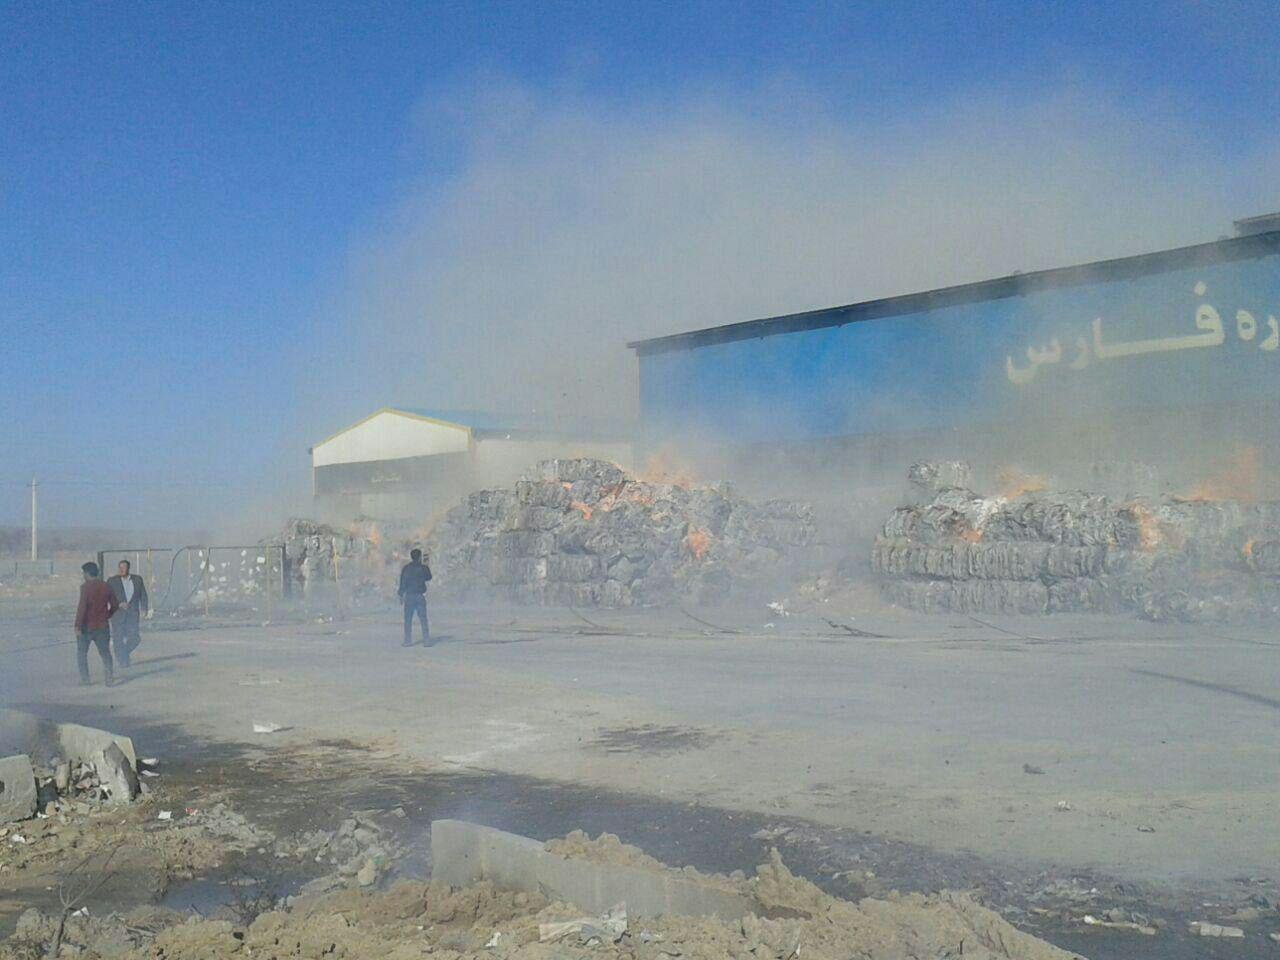 مصدومیت ۳۴ تن بر اثر آتش سوزی در کارخانه کاغذ صفاشهر فارس